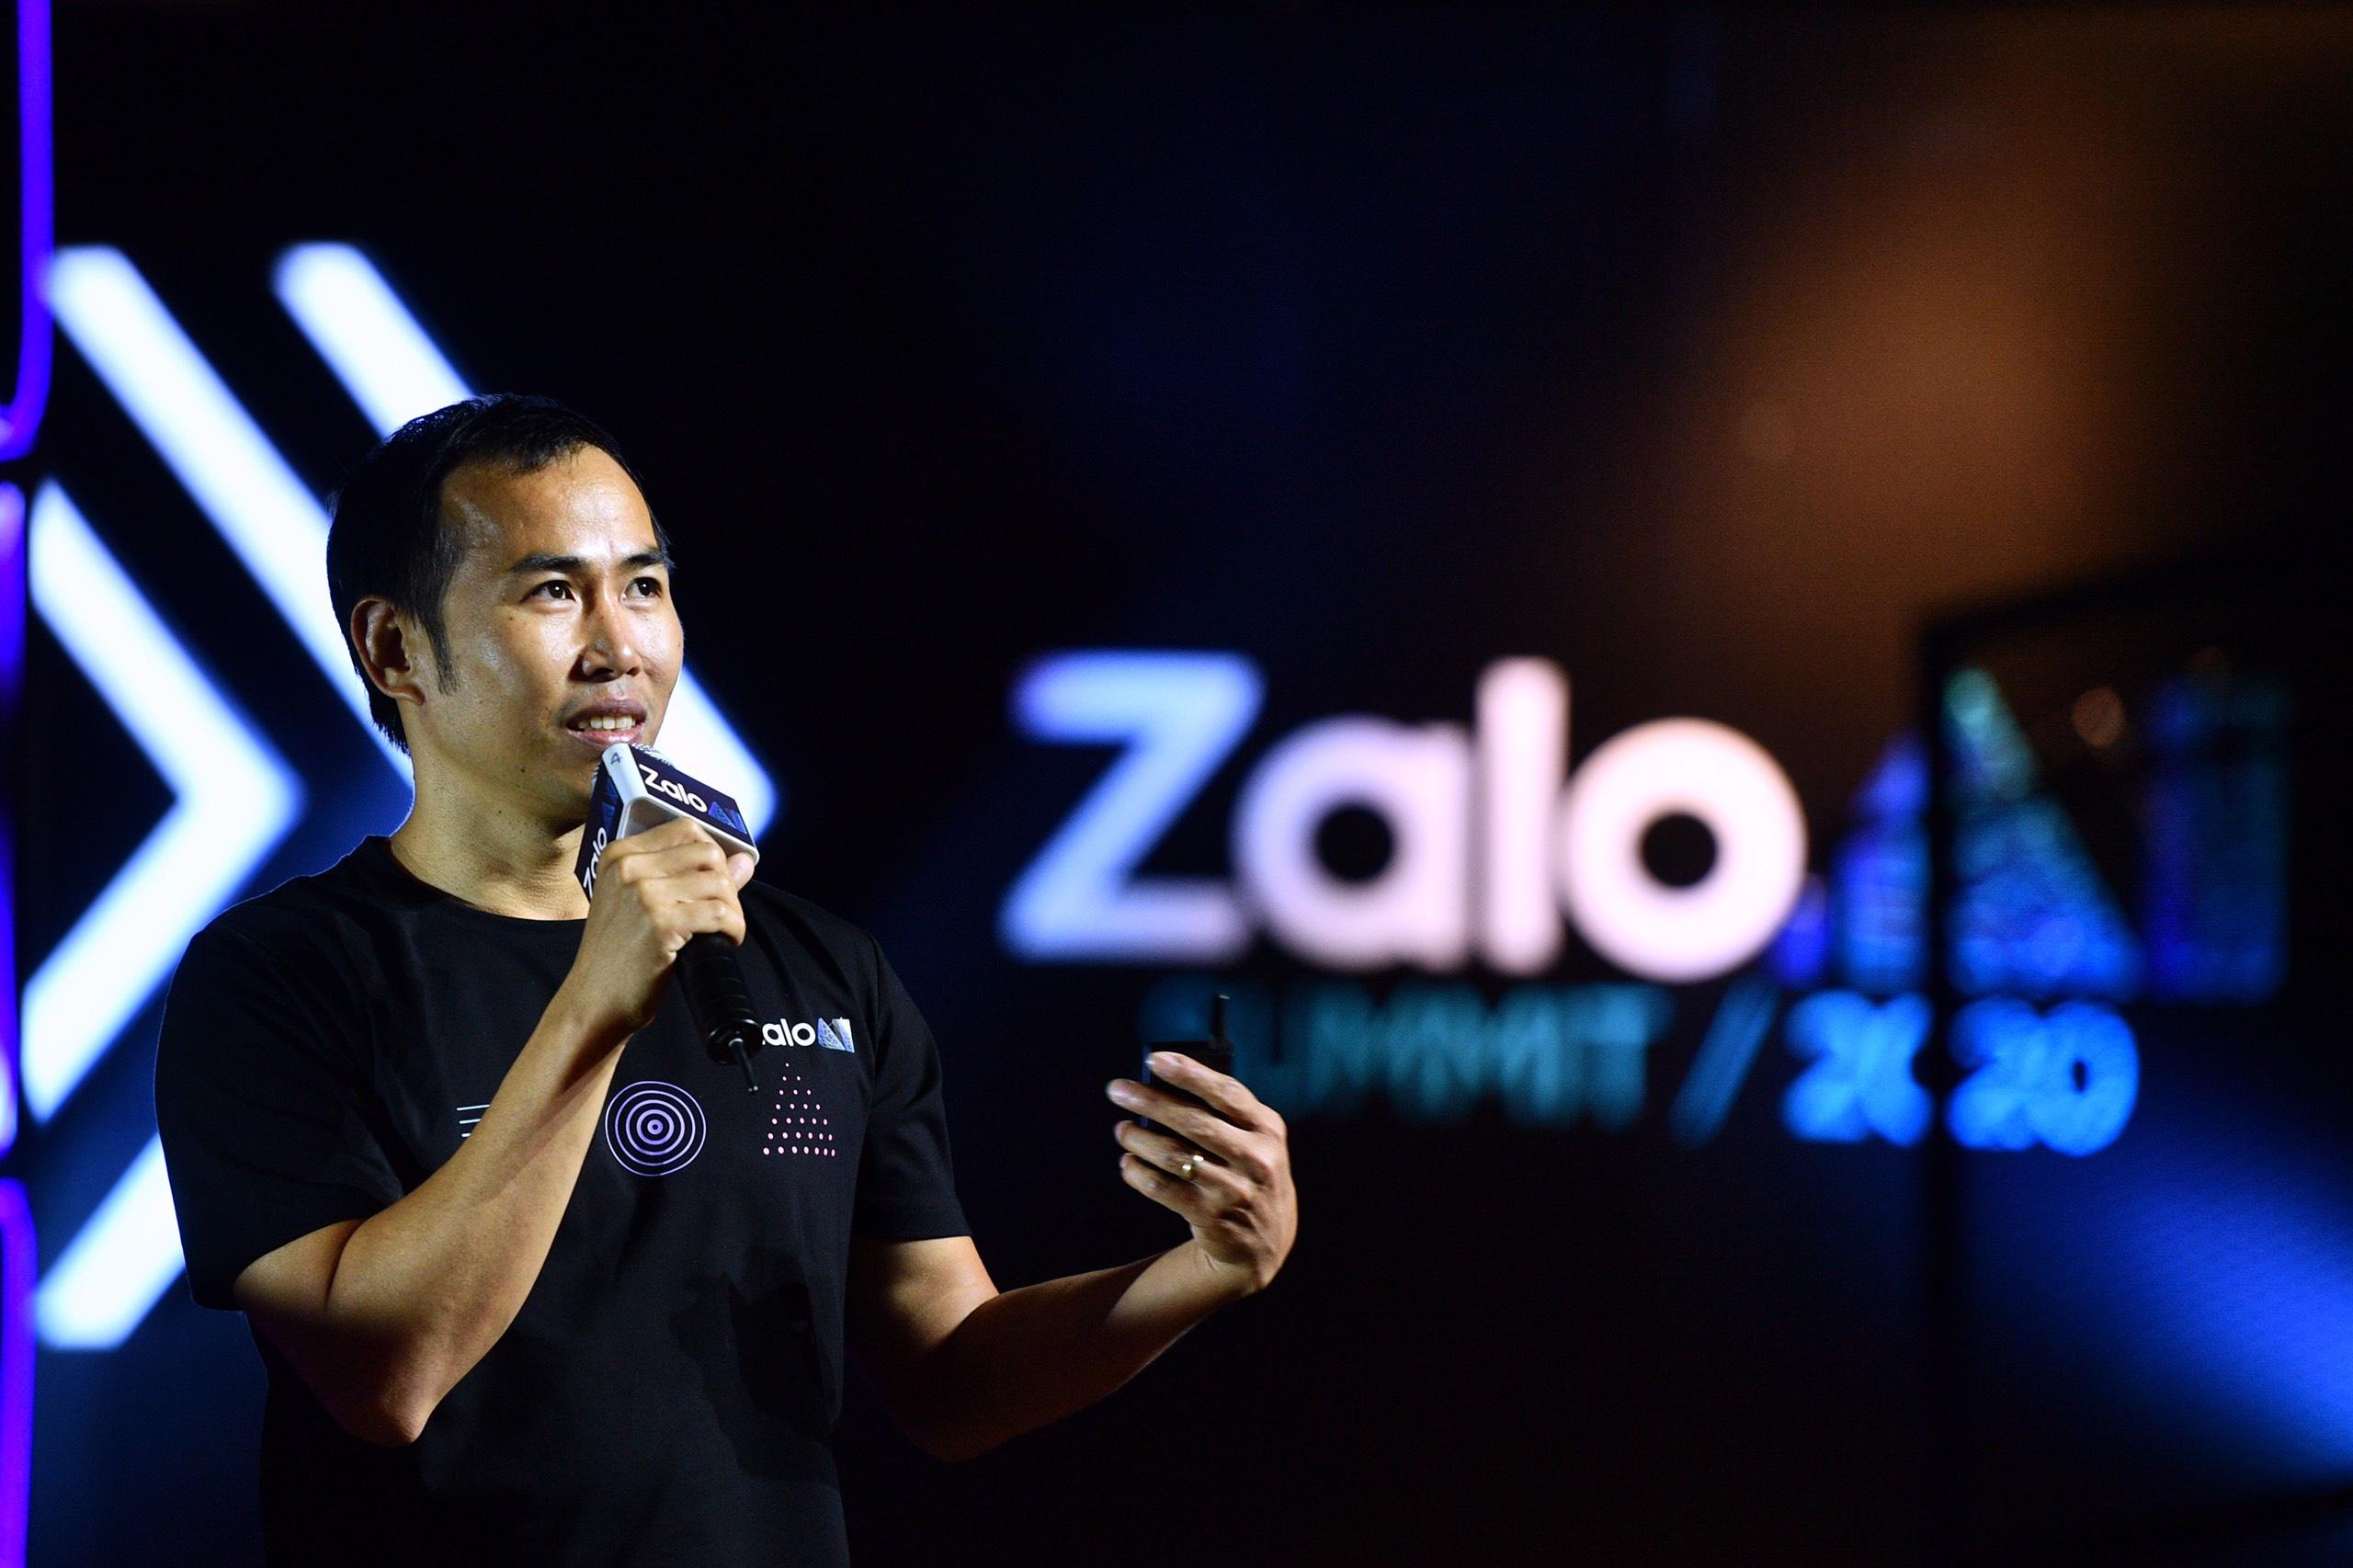 Zalo AI Summit 2020 anh 16